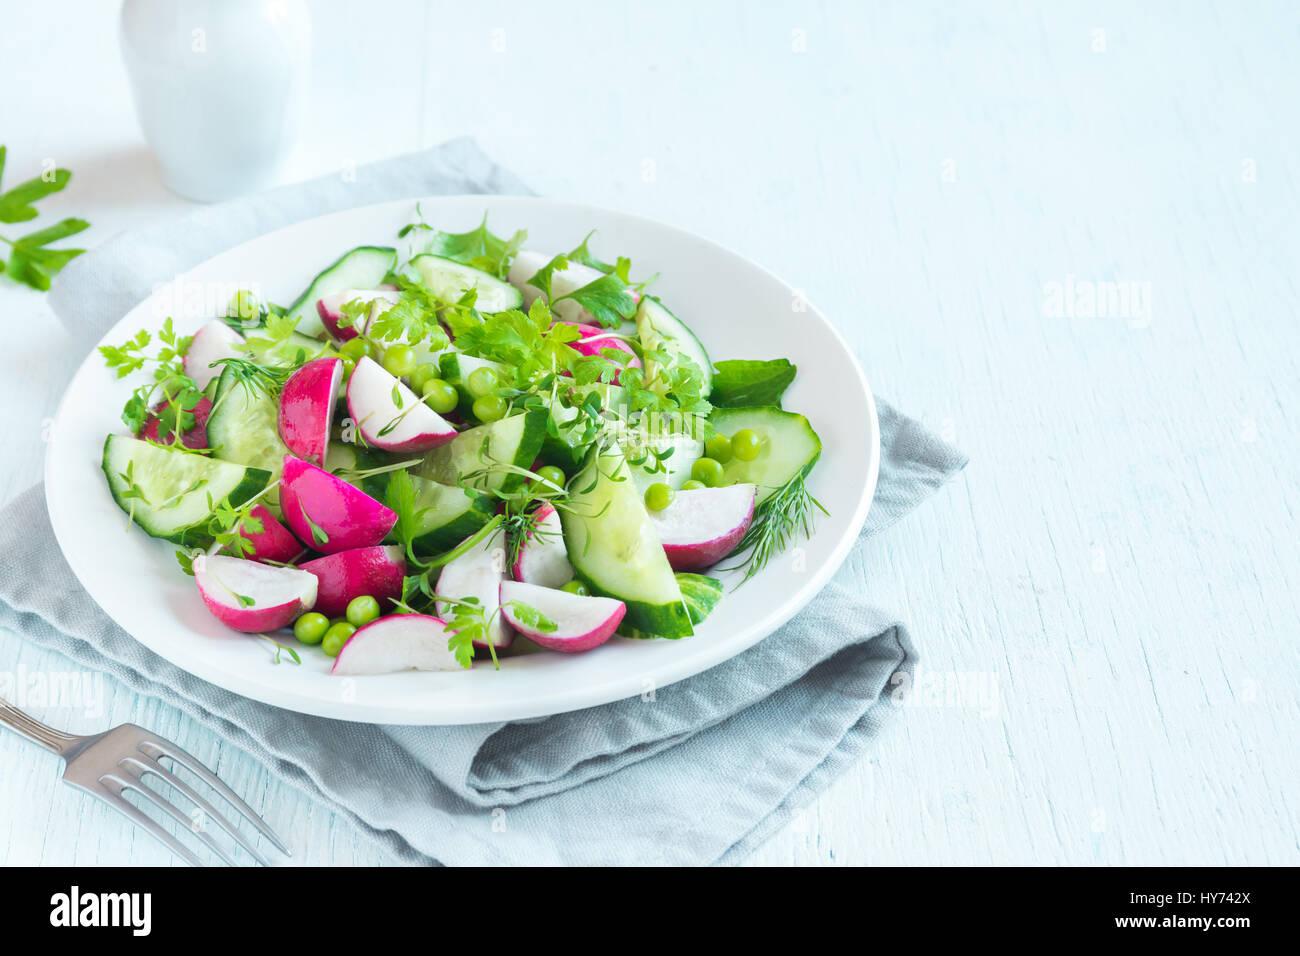 Salade de légumes de printemps en bonne santé avec des radis, concombre, pois verts et les germes, alimentation, Photo Stock